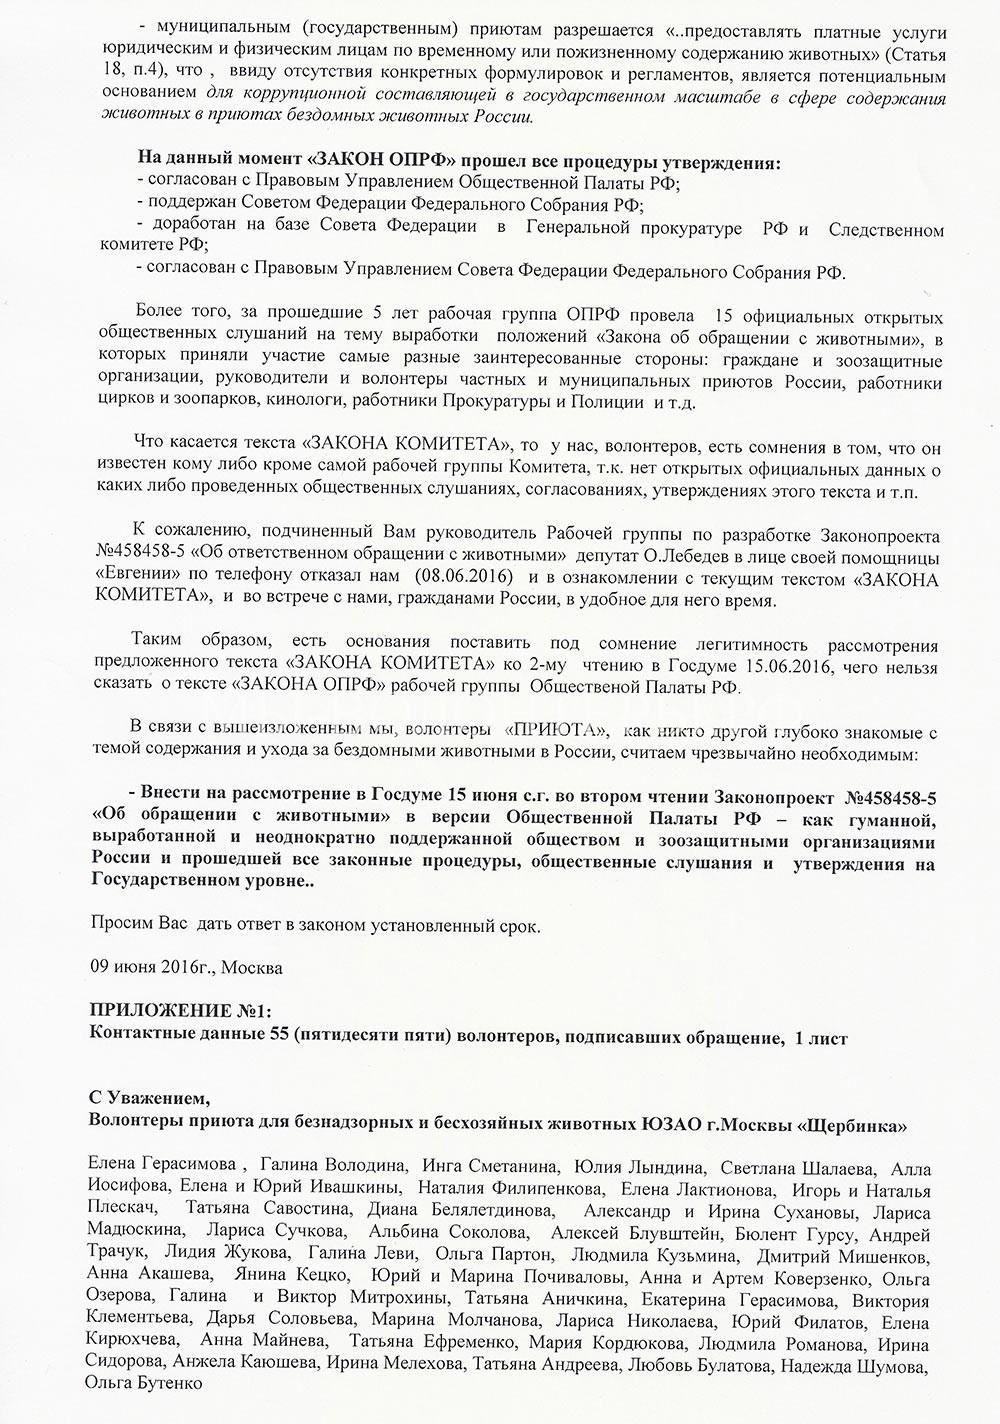 2016-07-08_Обращение-волонтеров-КАШИНУ-СКАН-1-SMALL